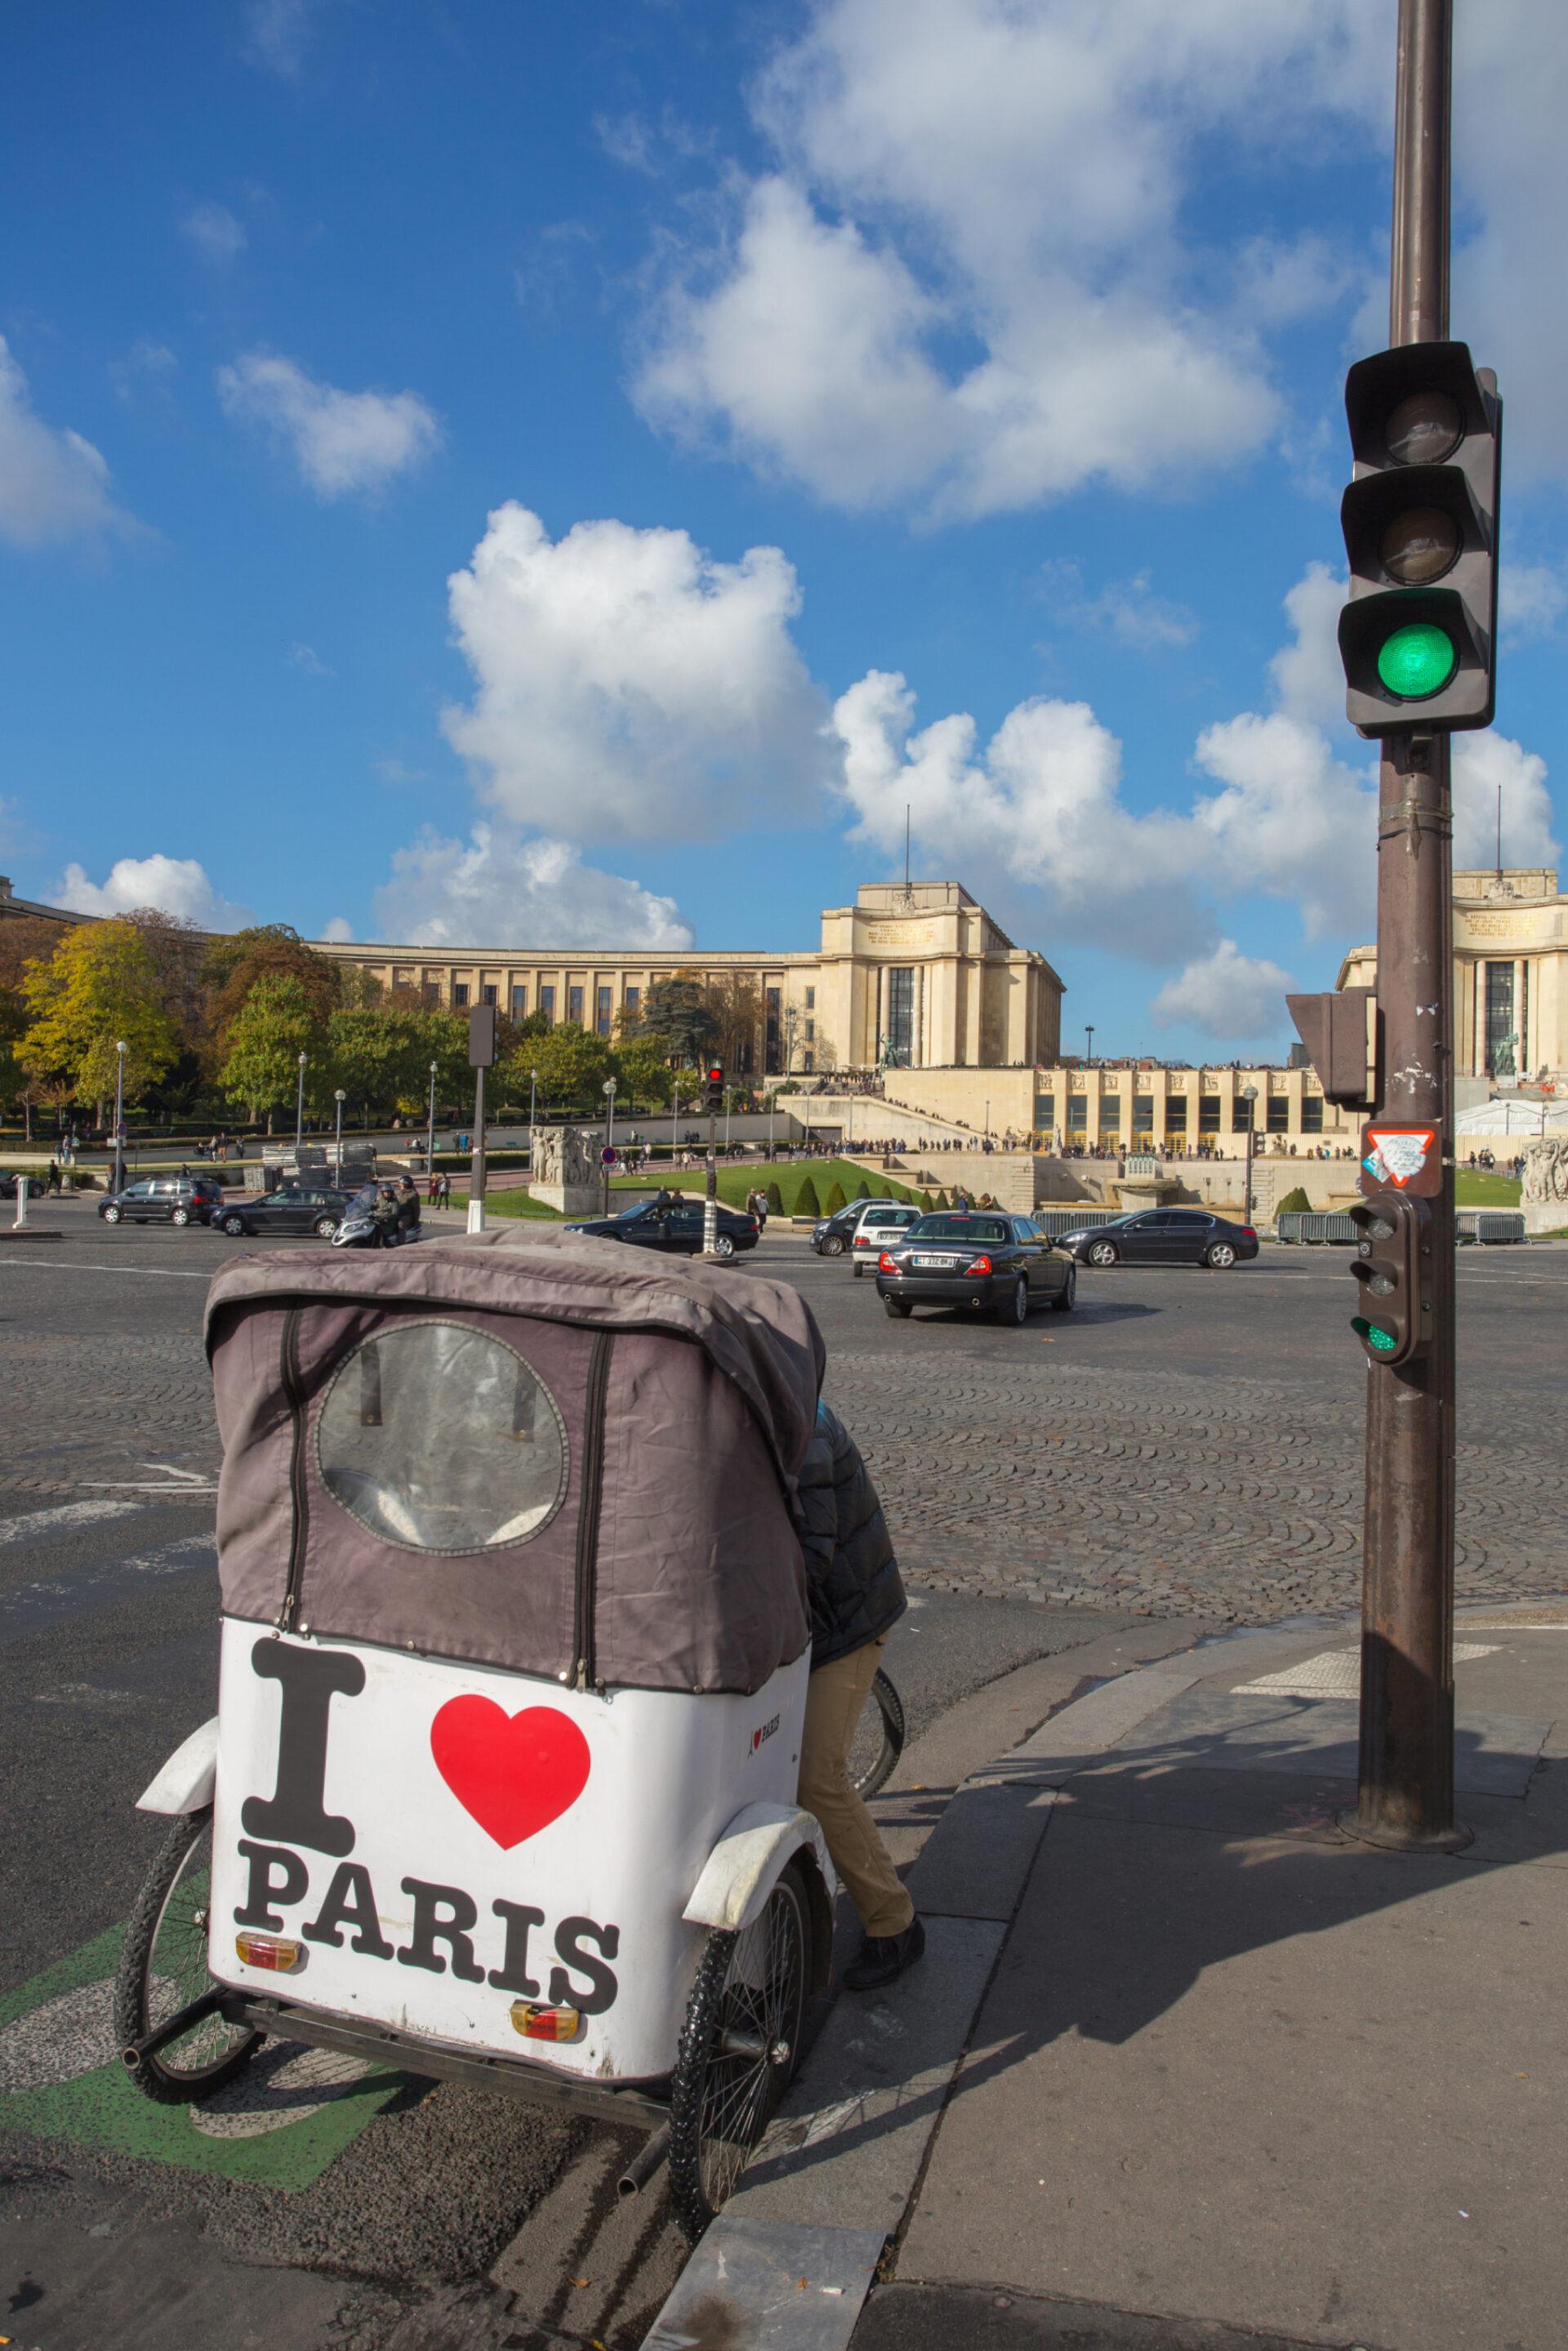 Париж иЛа-Манш